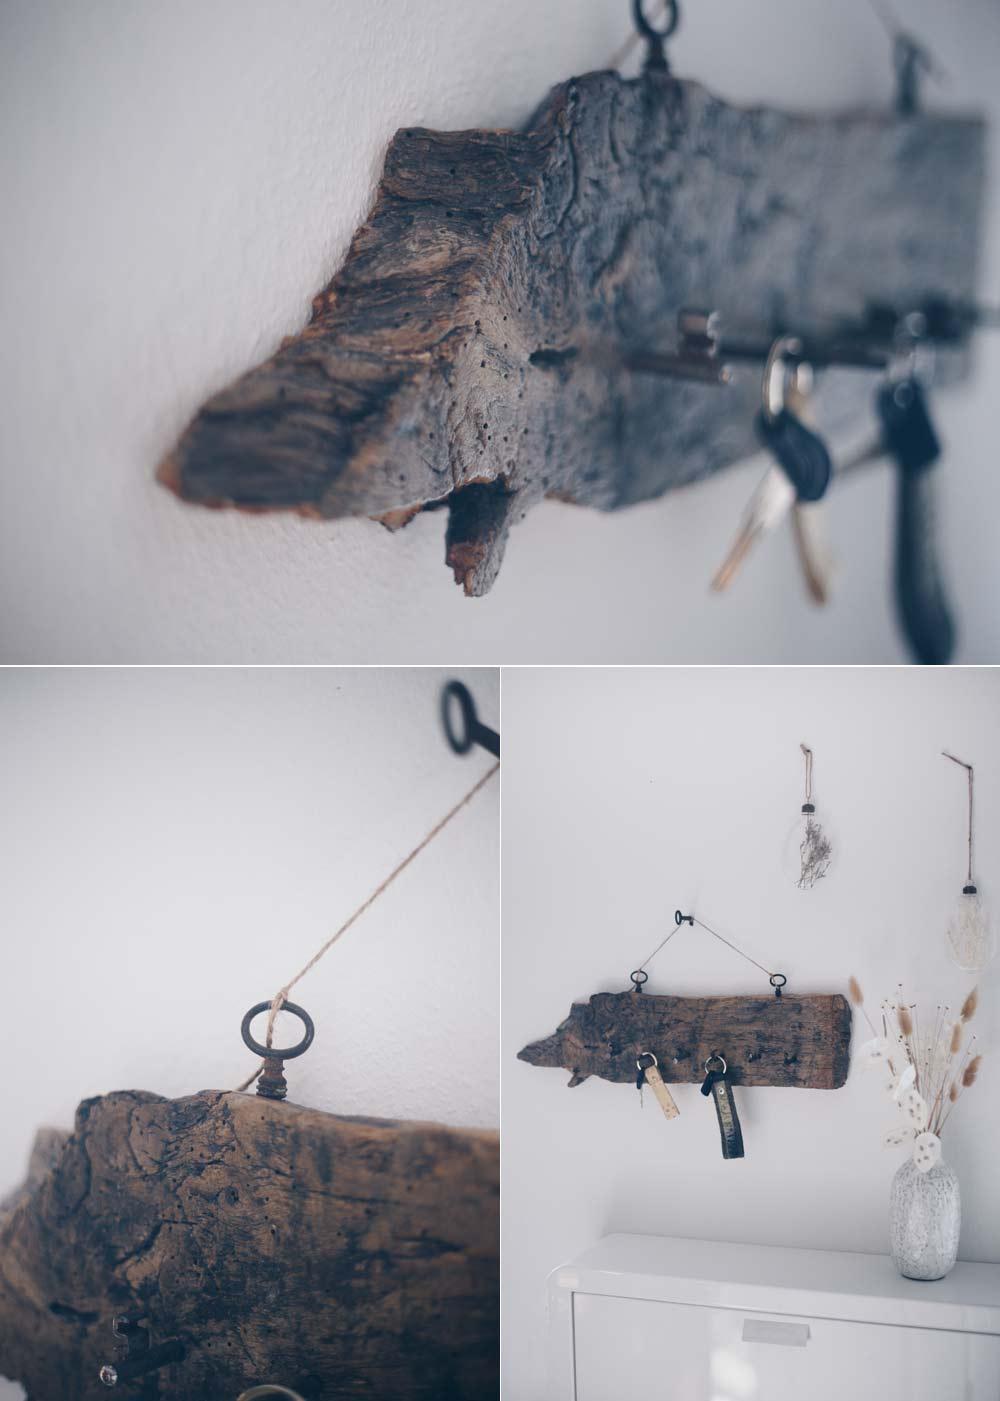 DIY Schlüsselbrett aus vintage Schlüsseln und altem Holz selbermachen Anleitung mit Schrittfotos